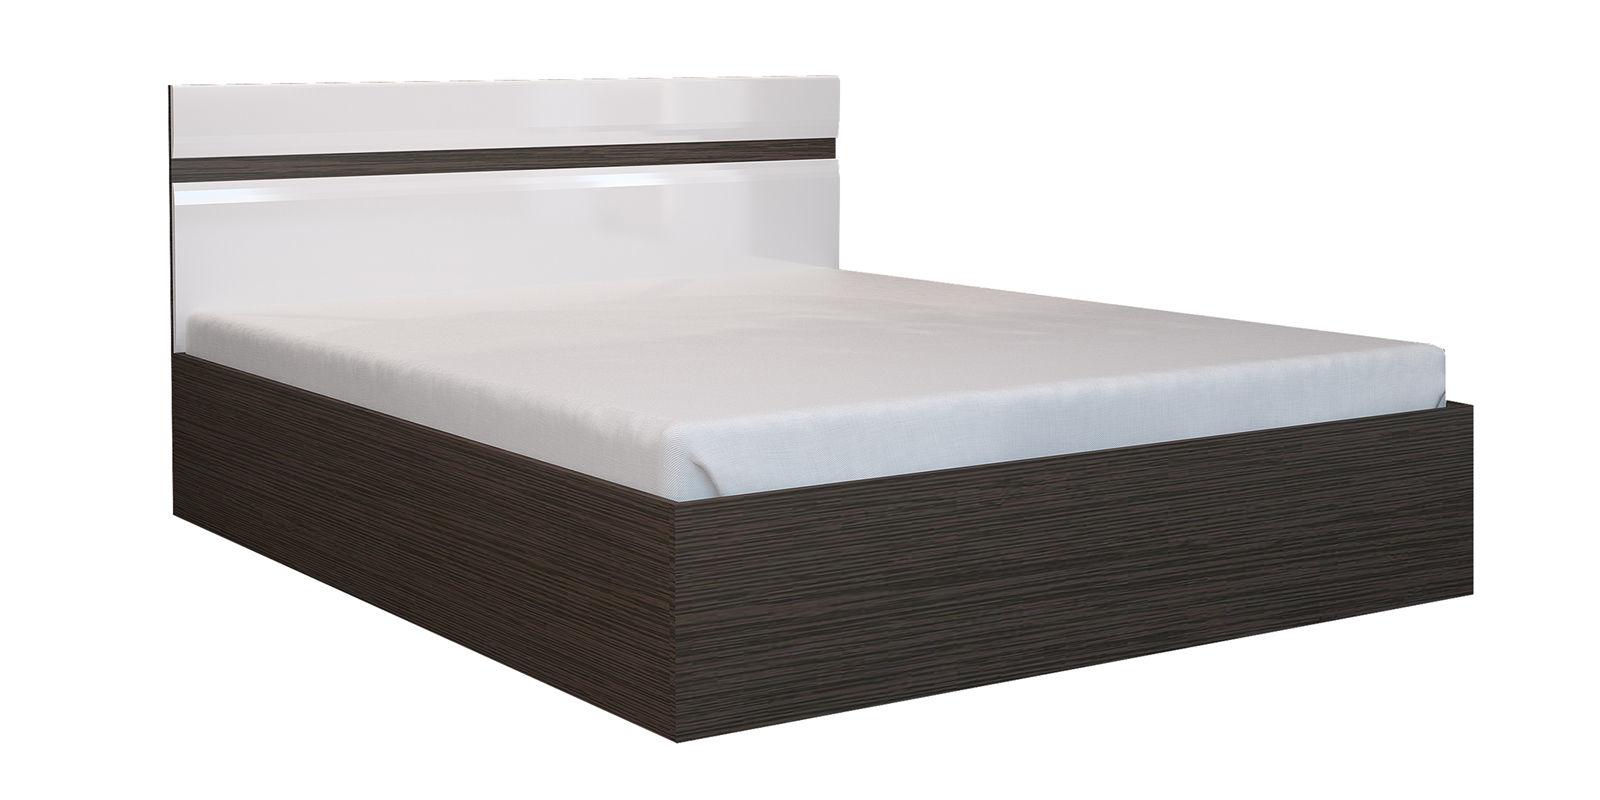 Кровать каркасная 200х140 Римини без подъемного механизма (венге/белый глянец) от HomeMe.ru